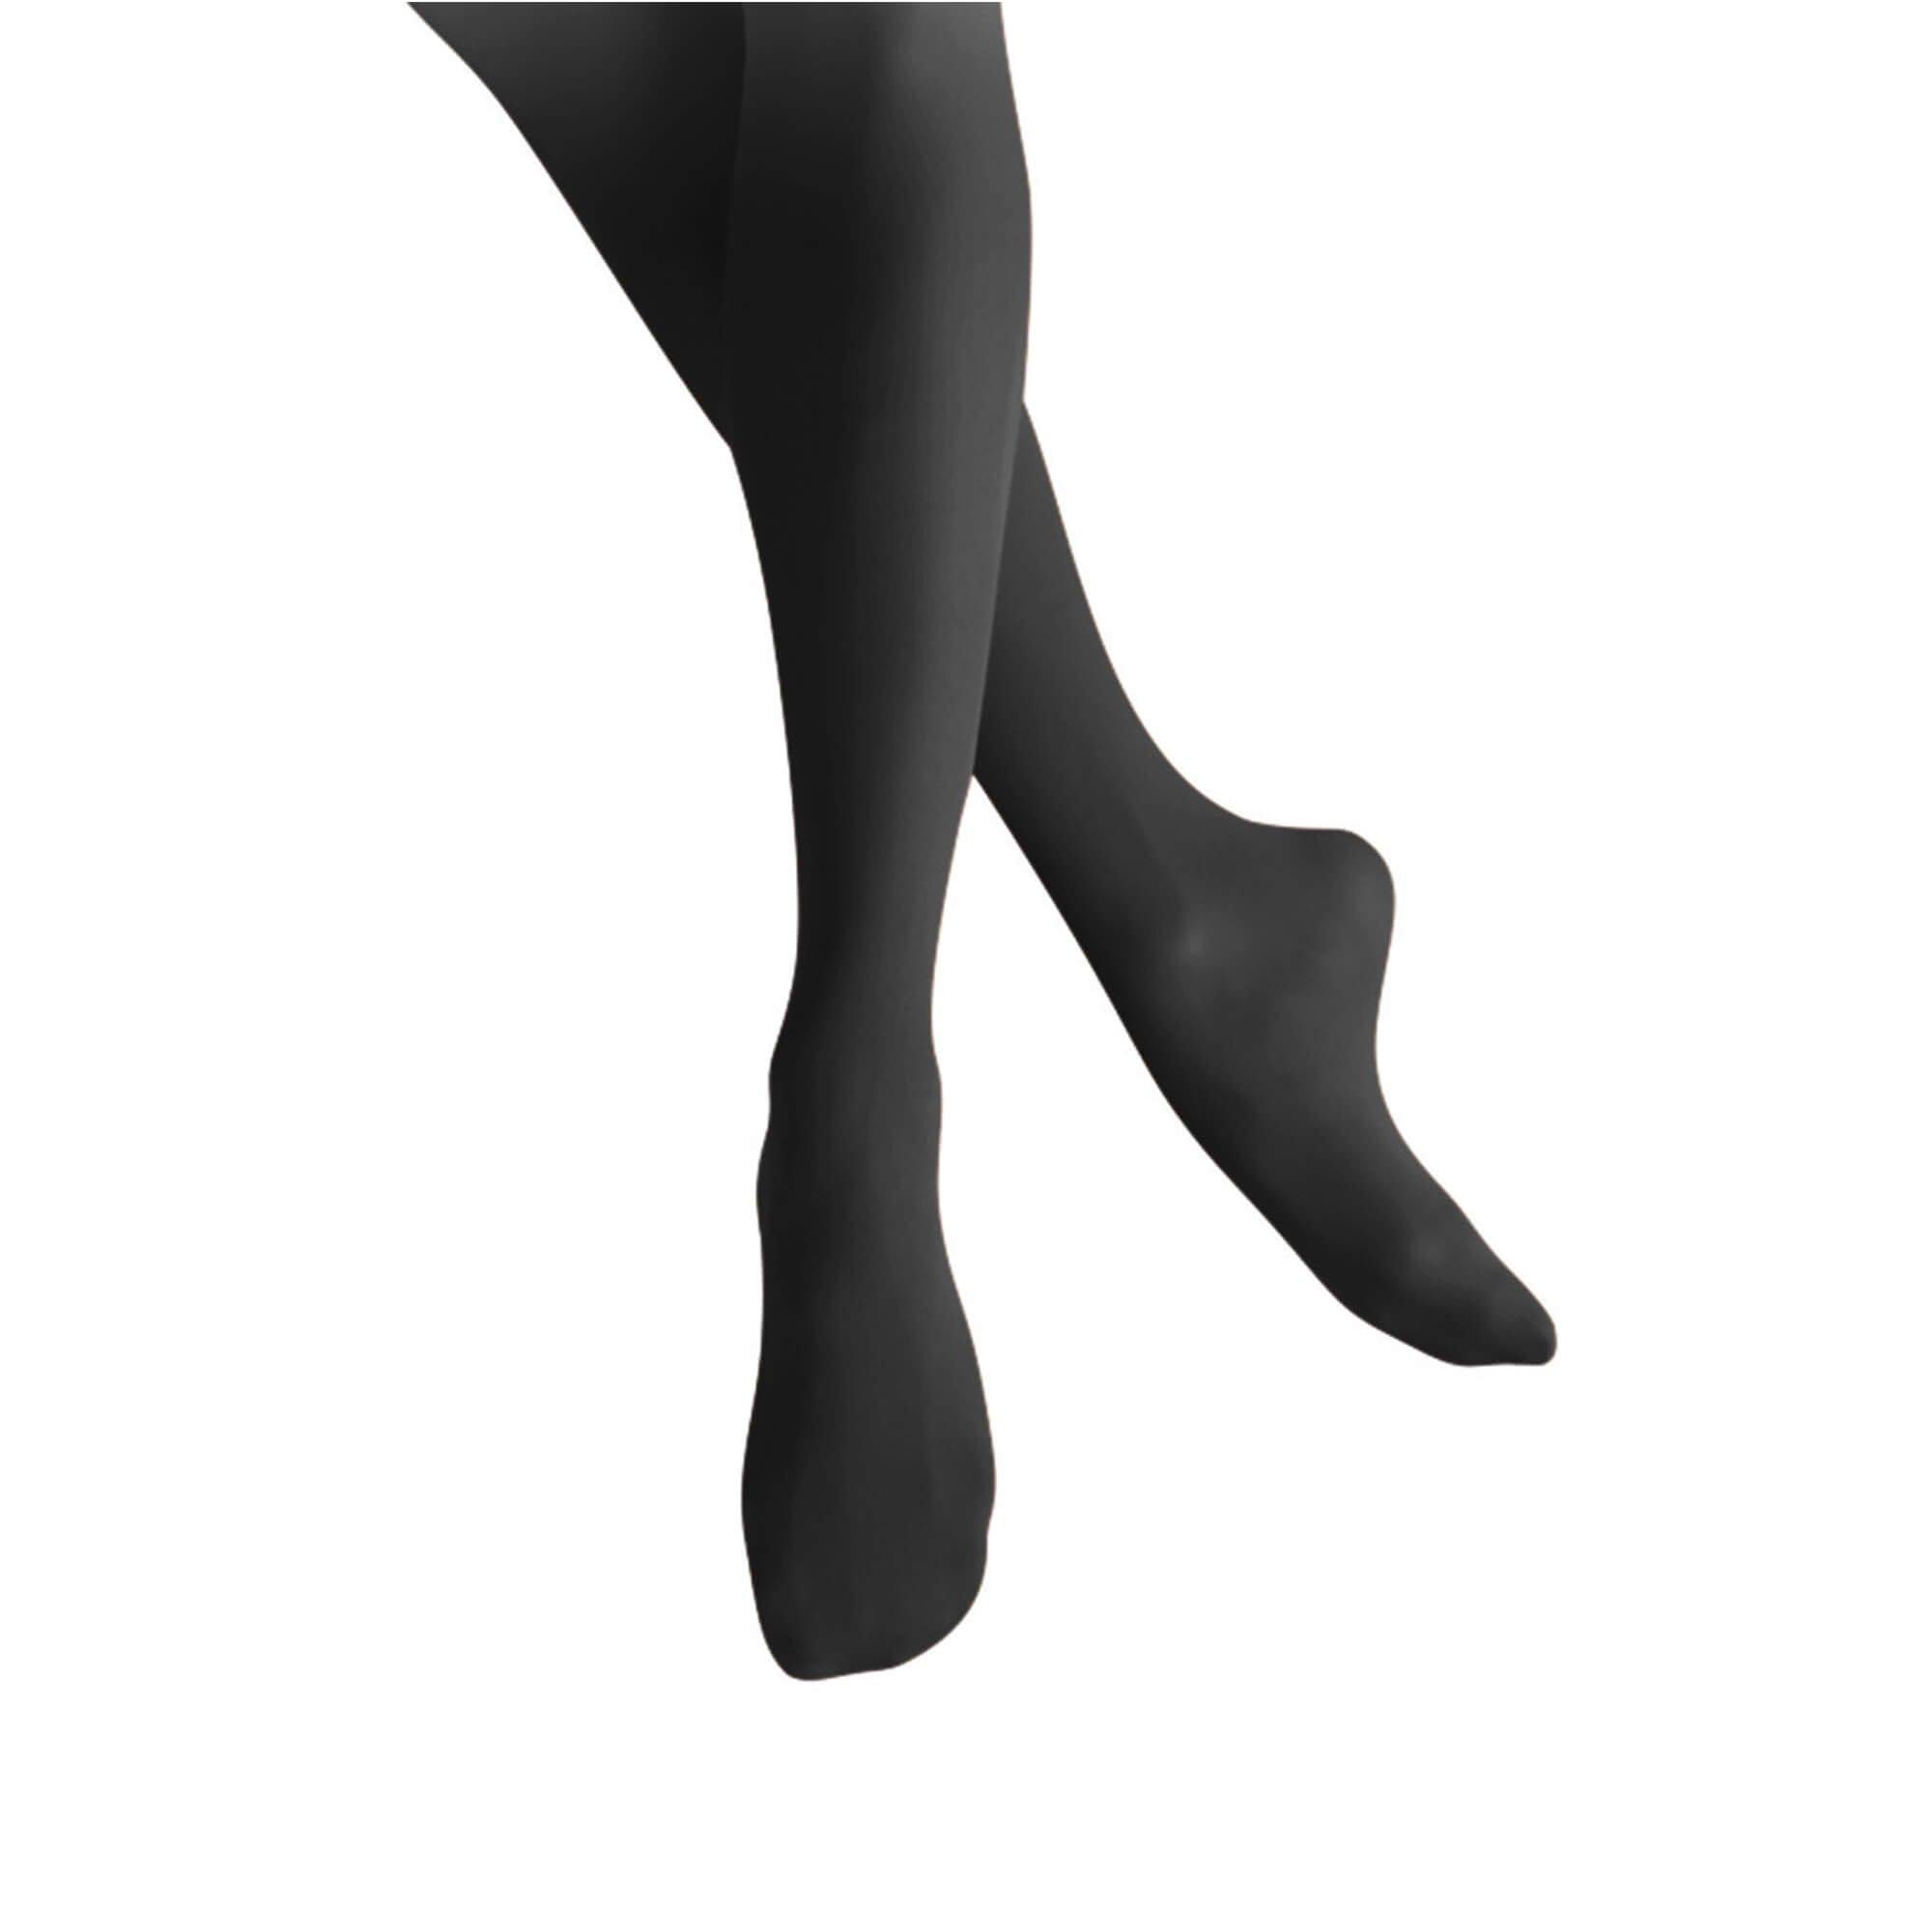 Leos Ladies Firm Fit Full Foot Supplex Tights